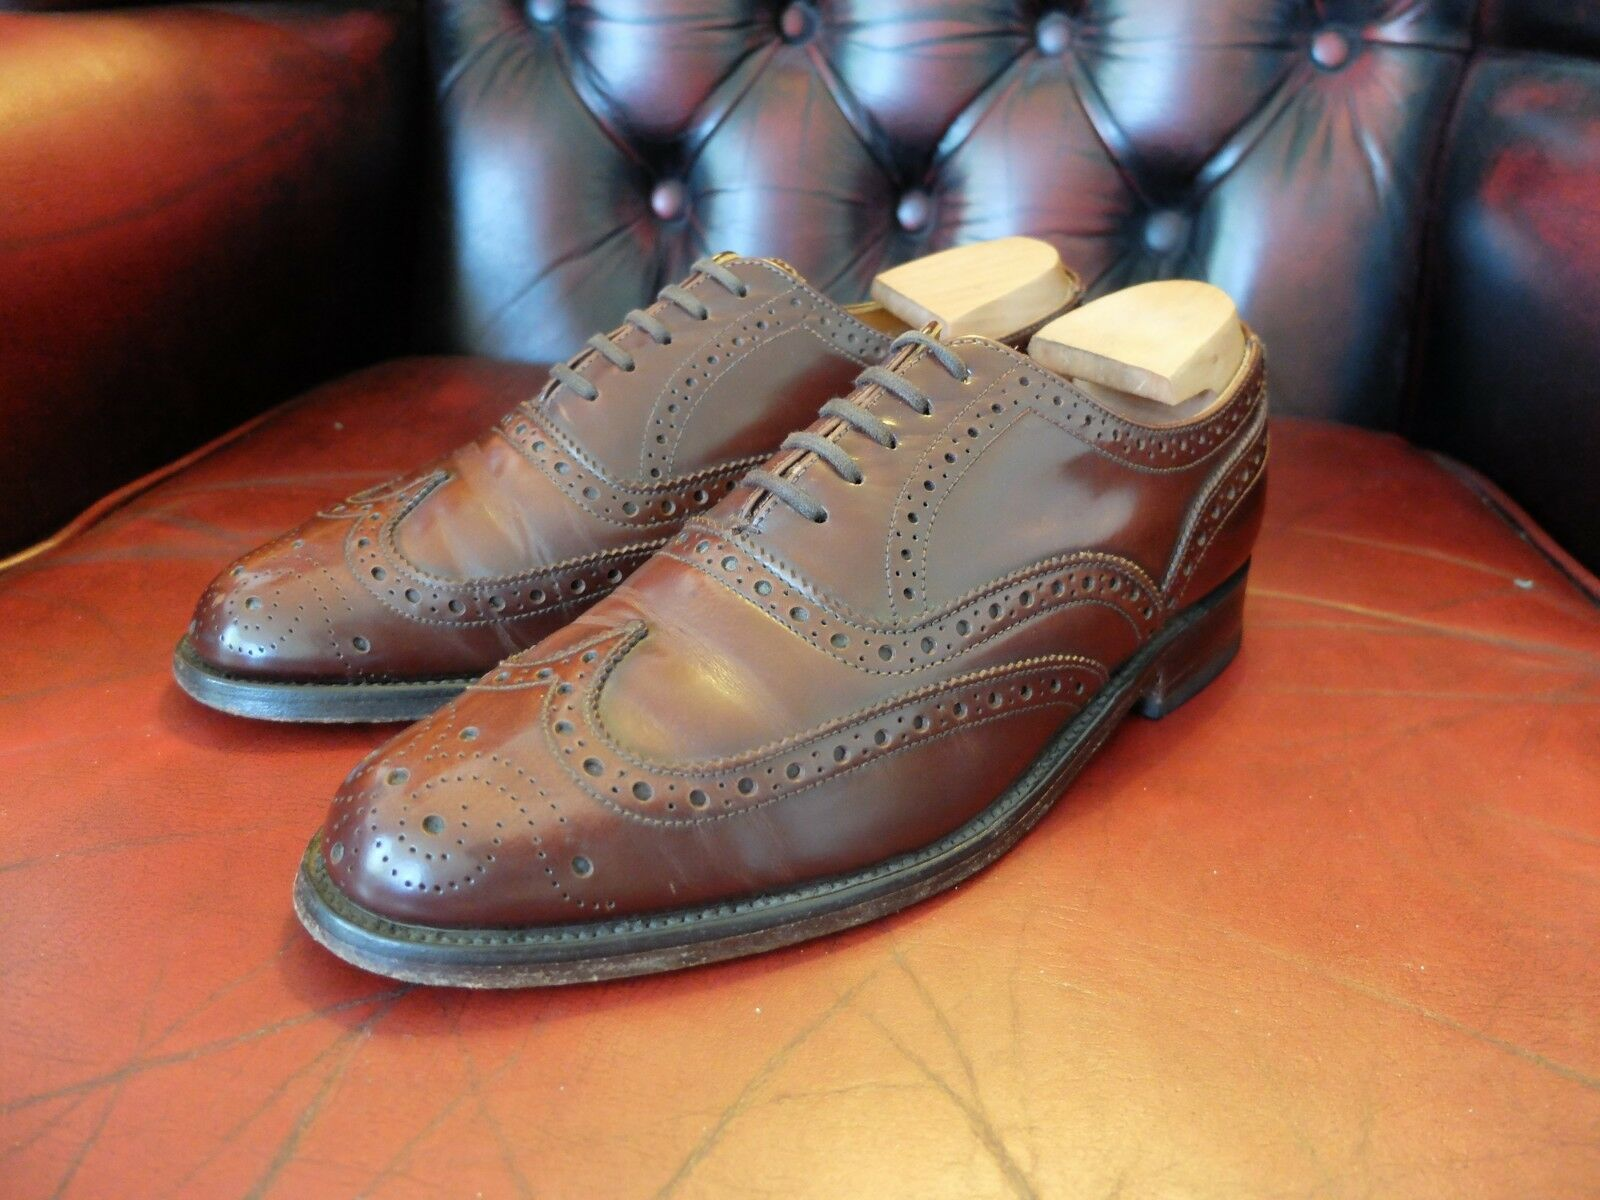 Loake Shoemakers Marroni Scarpe 6 ALL'INGLESE OXFORD CALATA Taglia 6 Scarpe (UK) e10853